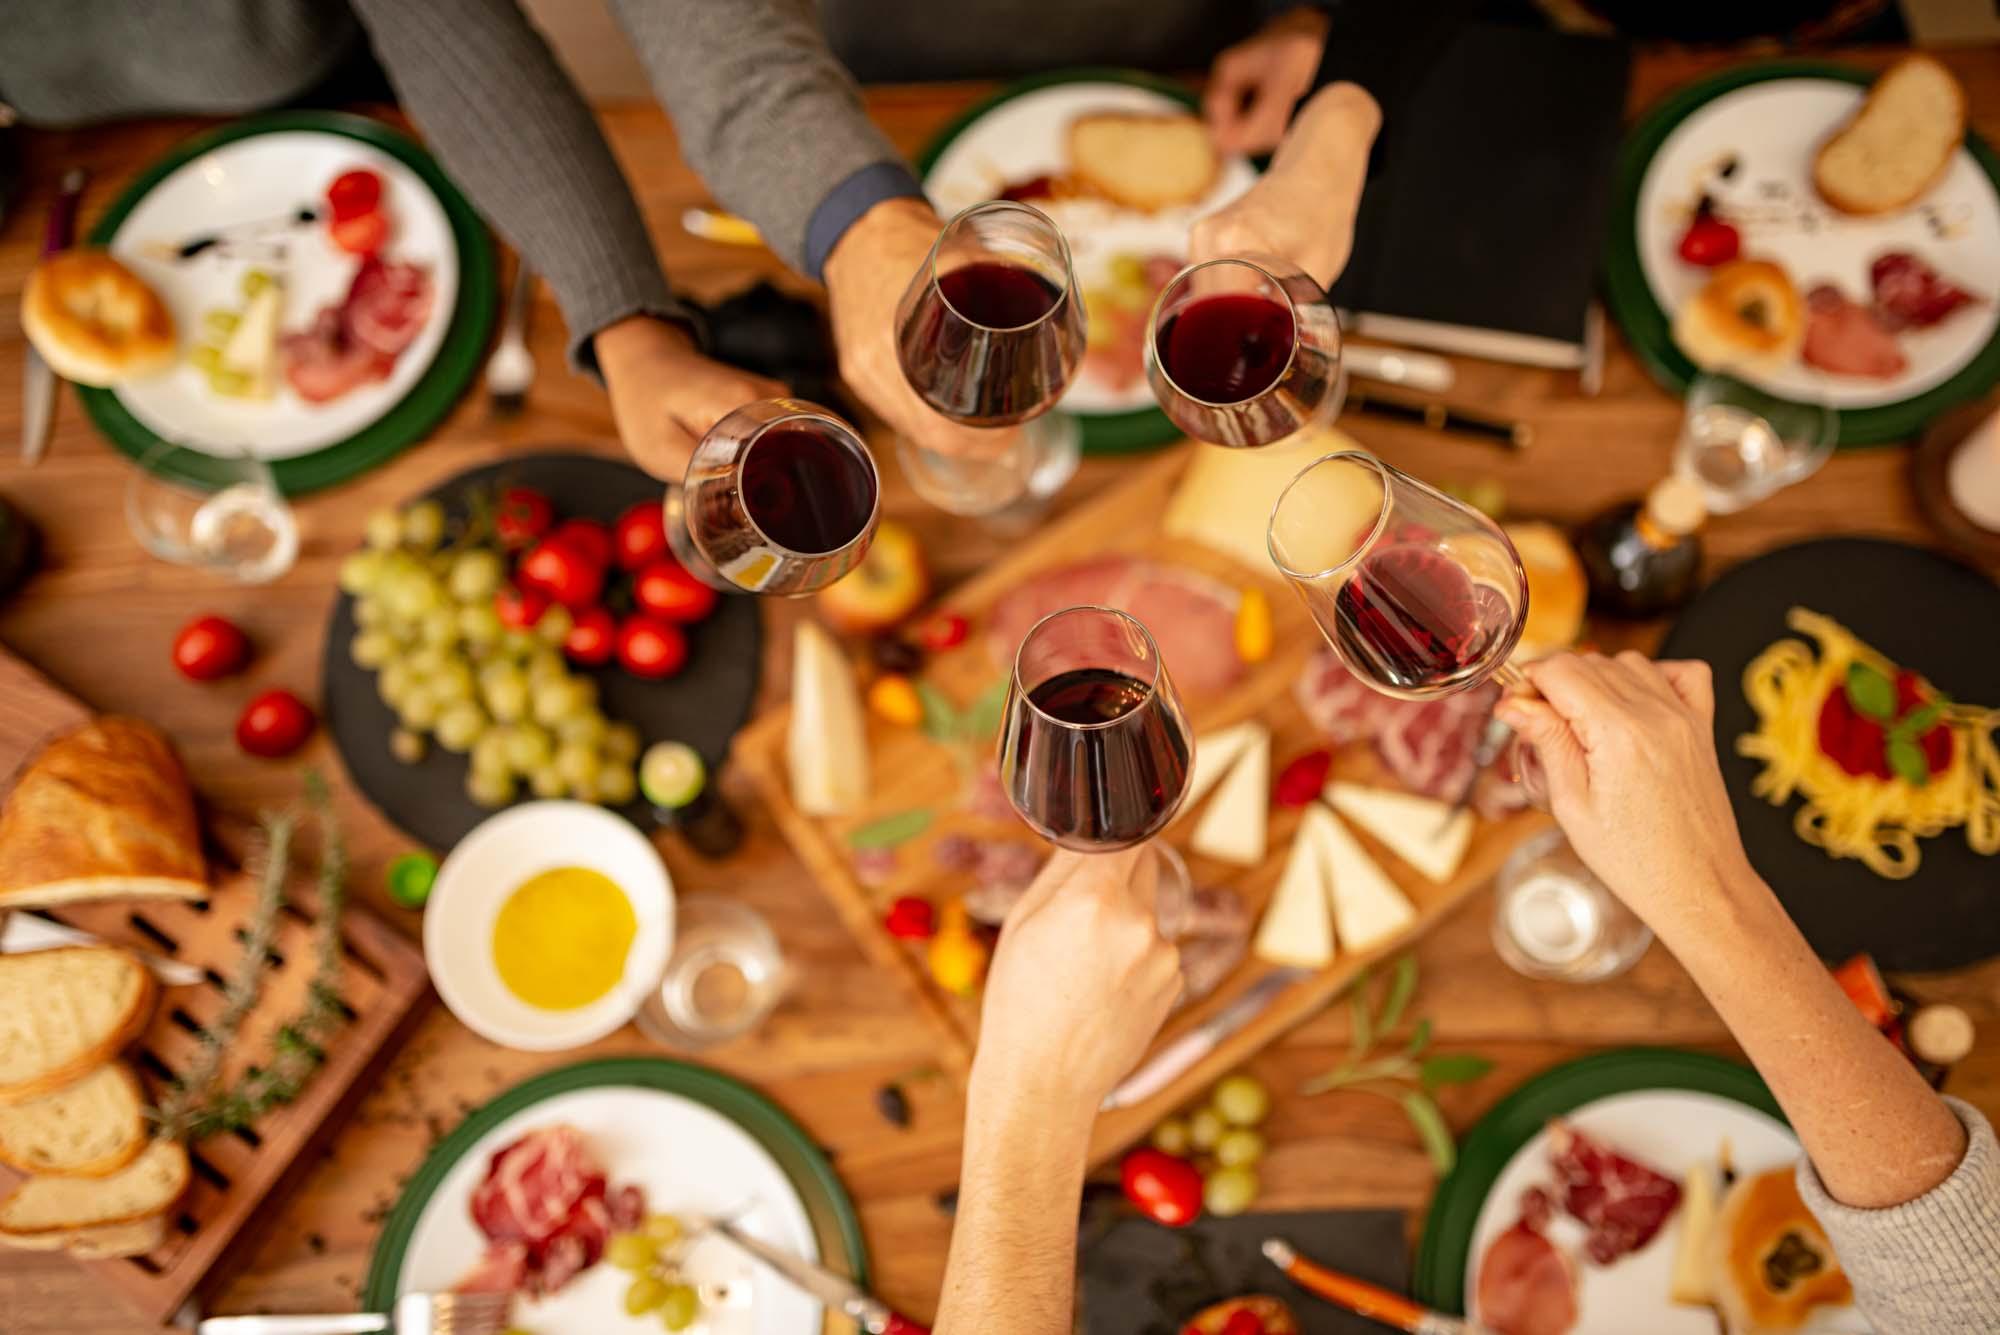 Cucina Amatoriale Cene Aziendali a Modena